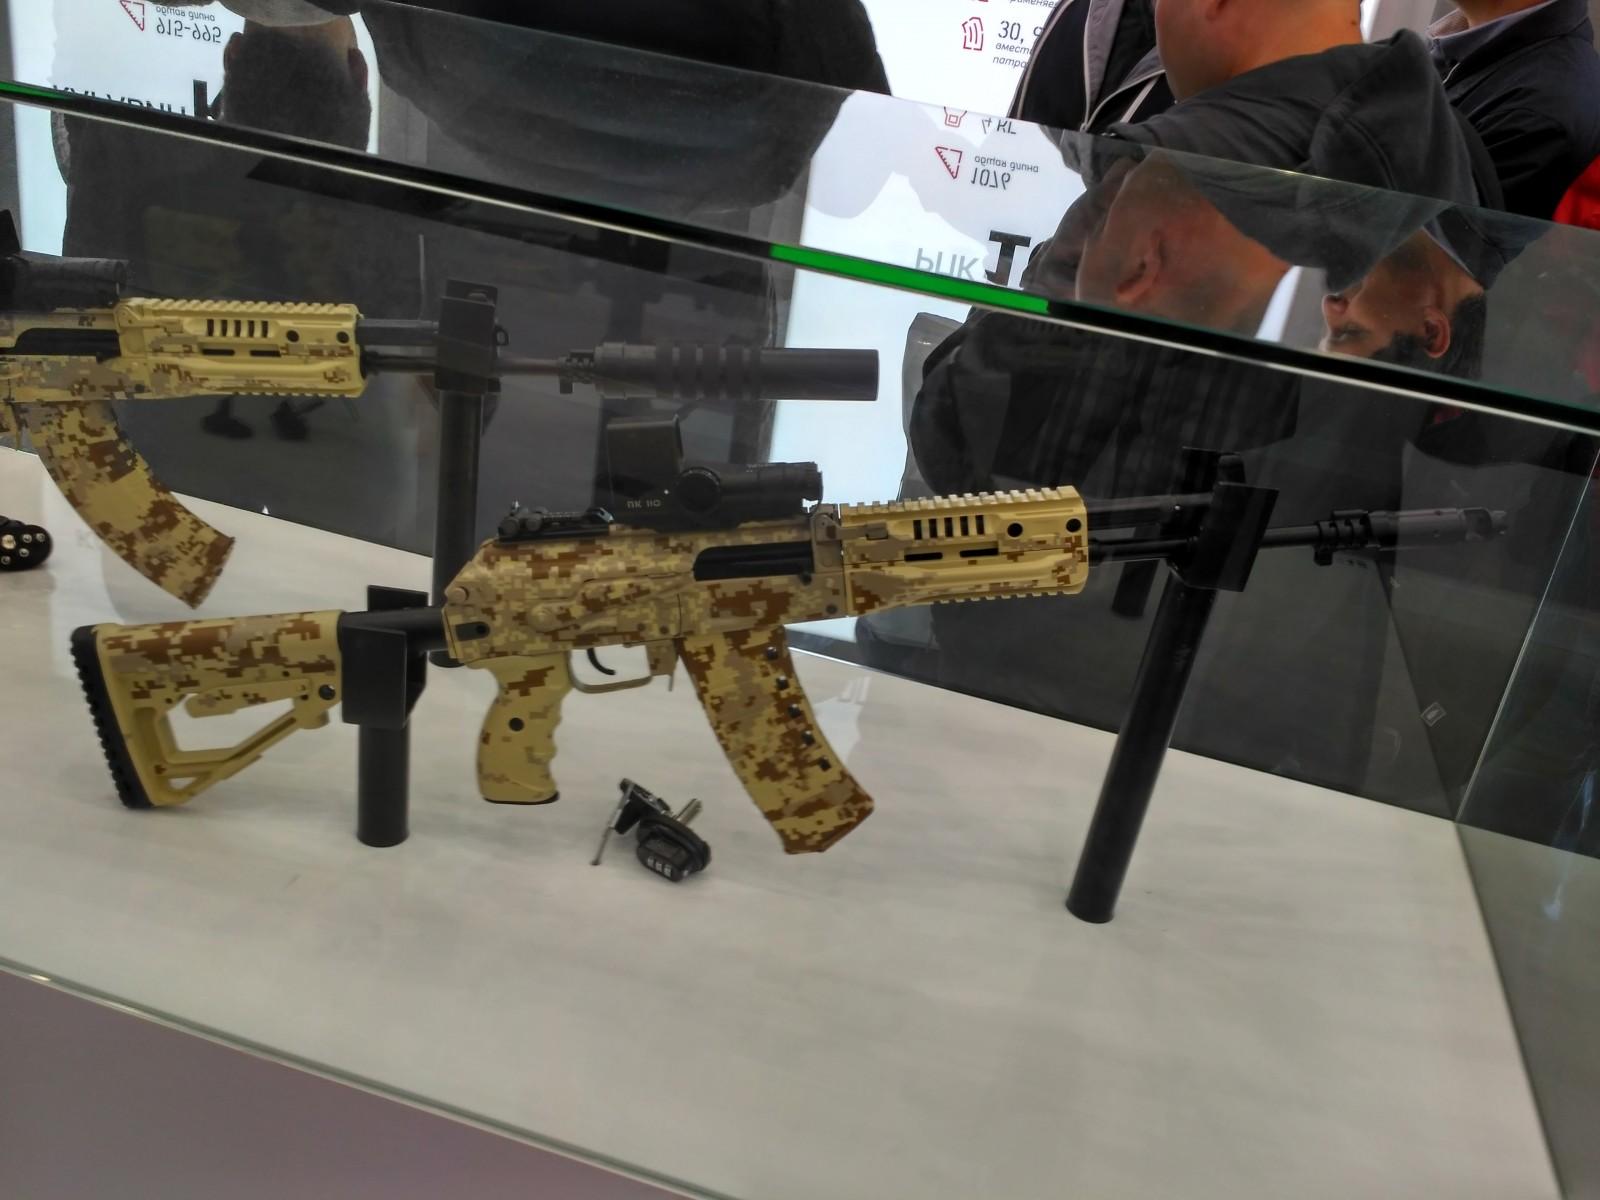 Автомат АК-12 под патрон 5,45х39 от концерна «Калашников»